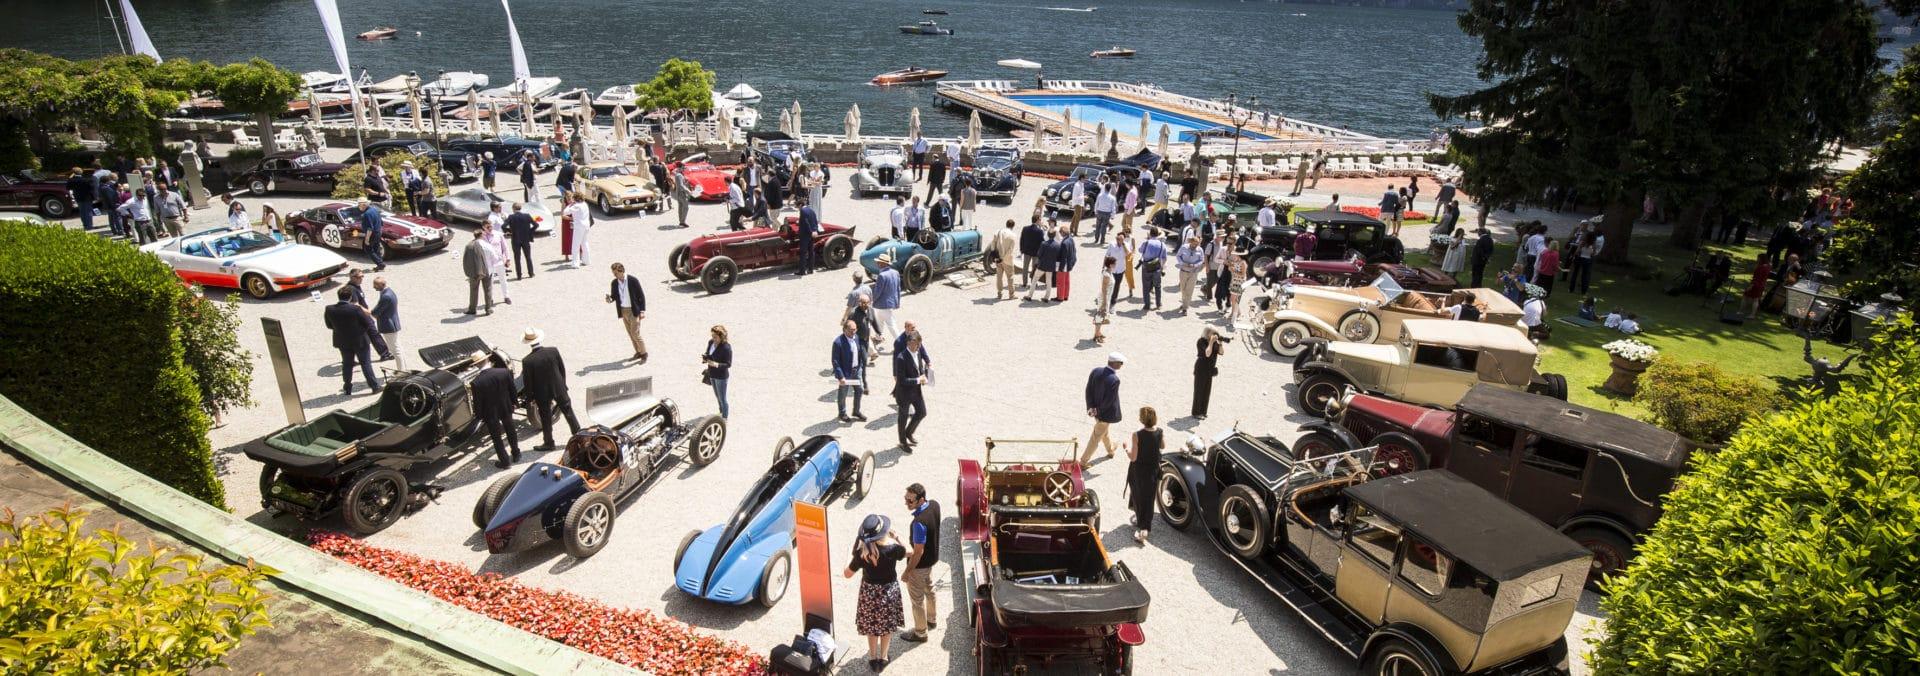 Лучшие автомобили мира на Concorso d'Eleganza Villa d'Este